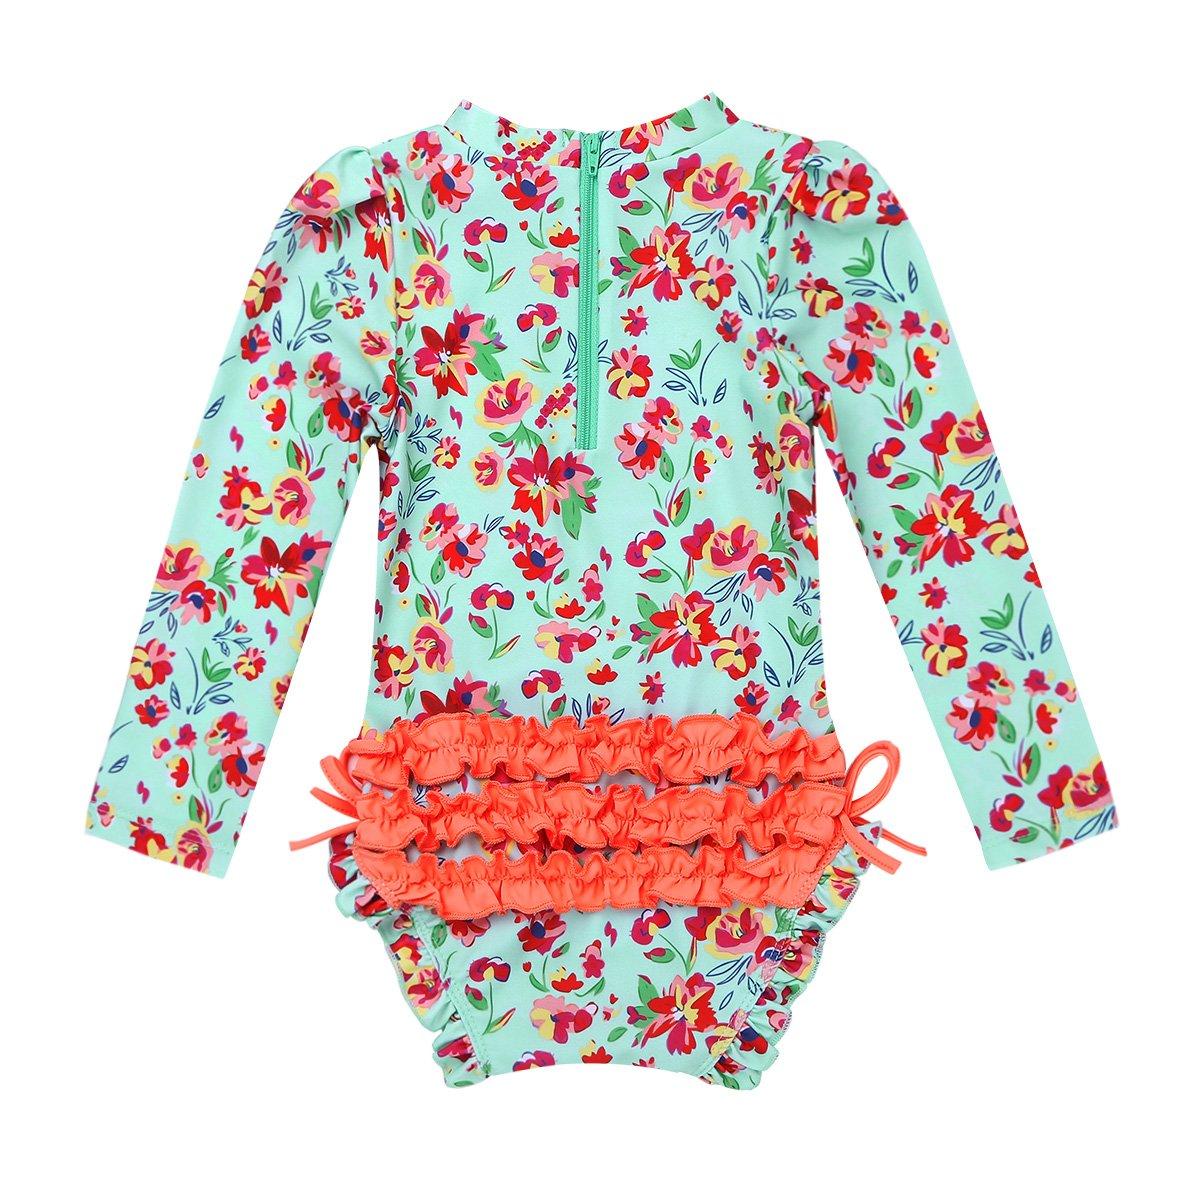 iiniim Baby M/ädchen Badebekleidung Einteiler Badeanzug Blumen Druck Kinder Tankini Bikini UV-Schutz Bademode F/ür 0-24 Monate